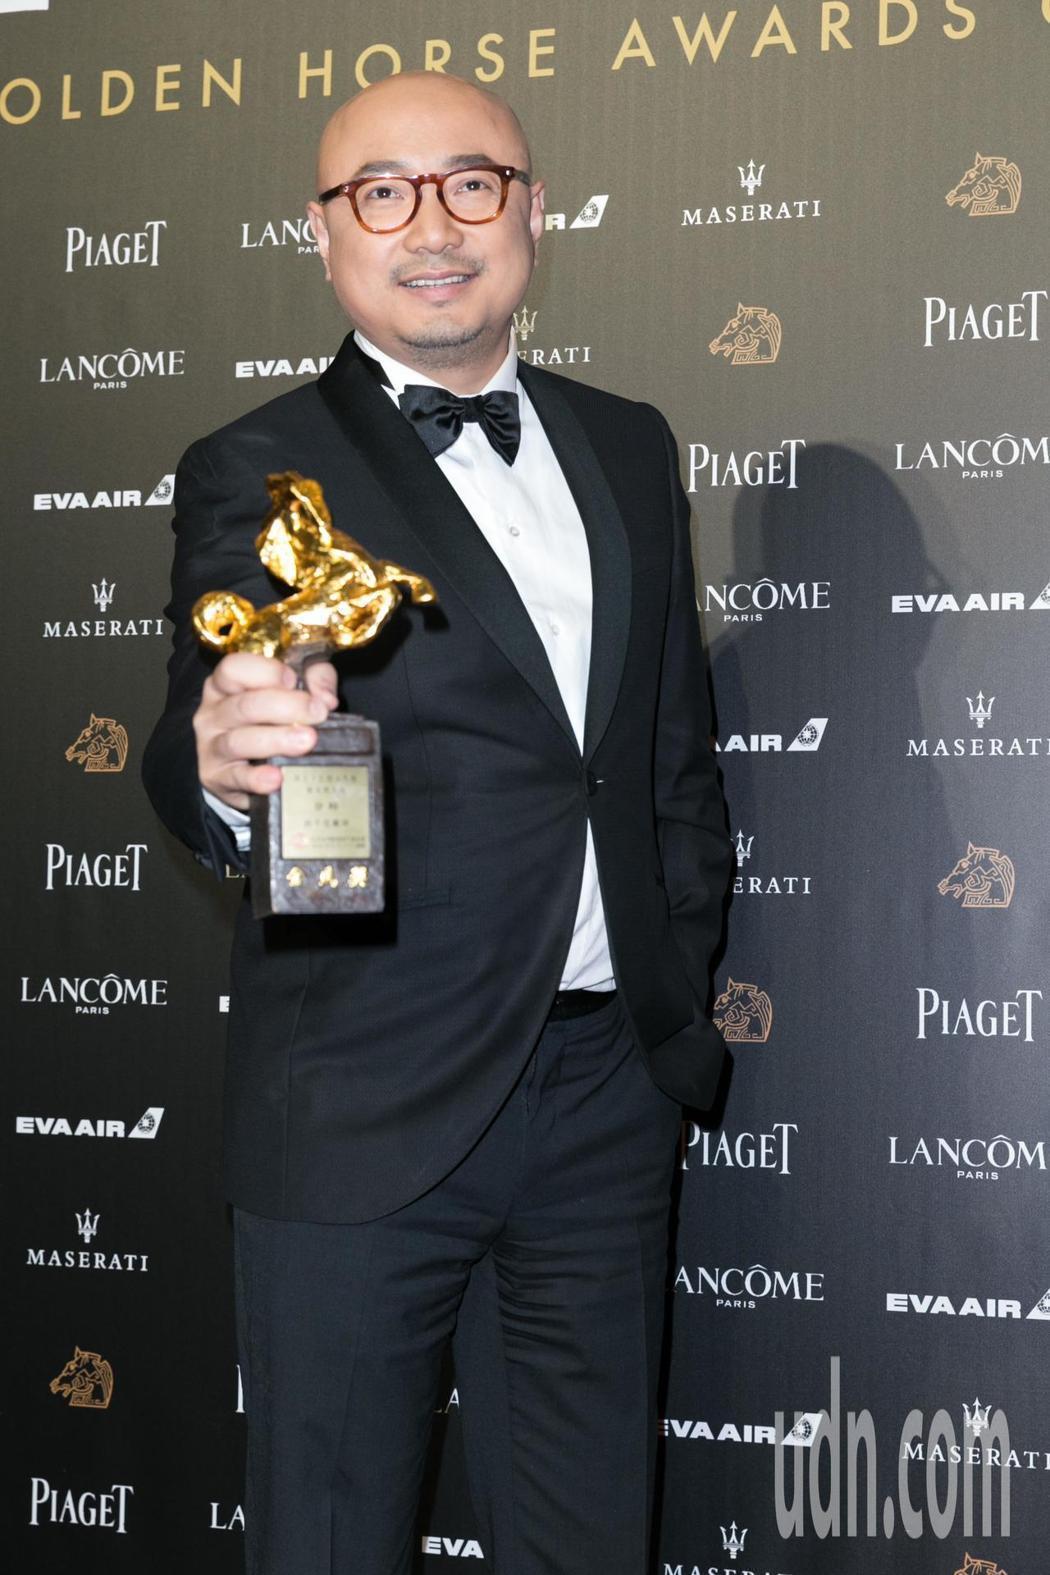 徐崢先前才以「我不是藥神」拿下金馬獎影帝,如今又再度提名亞洲電影大獎影帝獎項。圖...